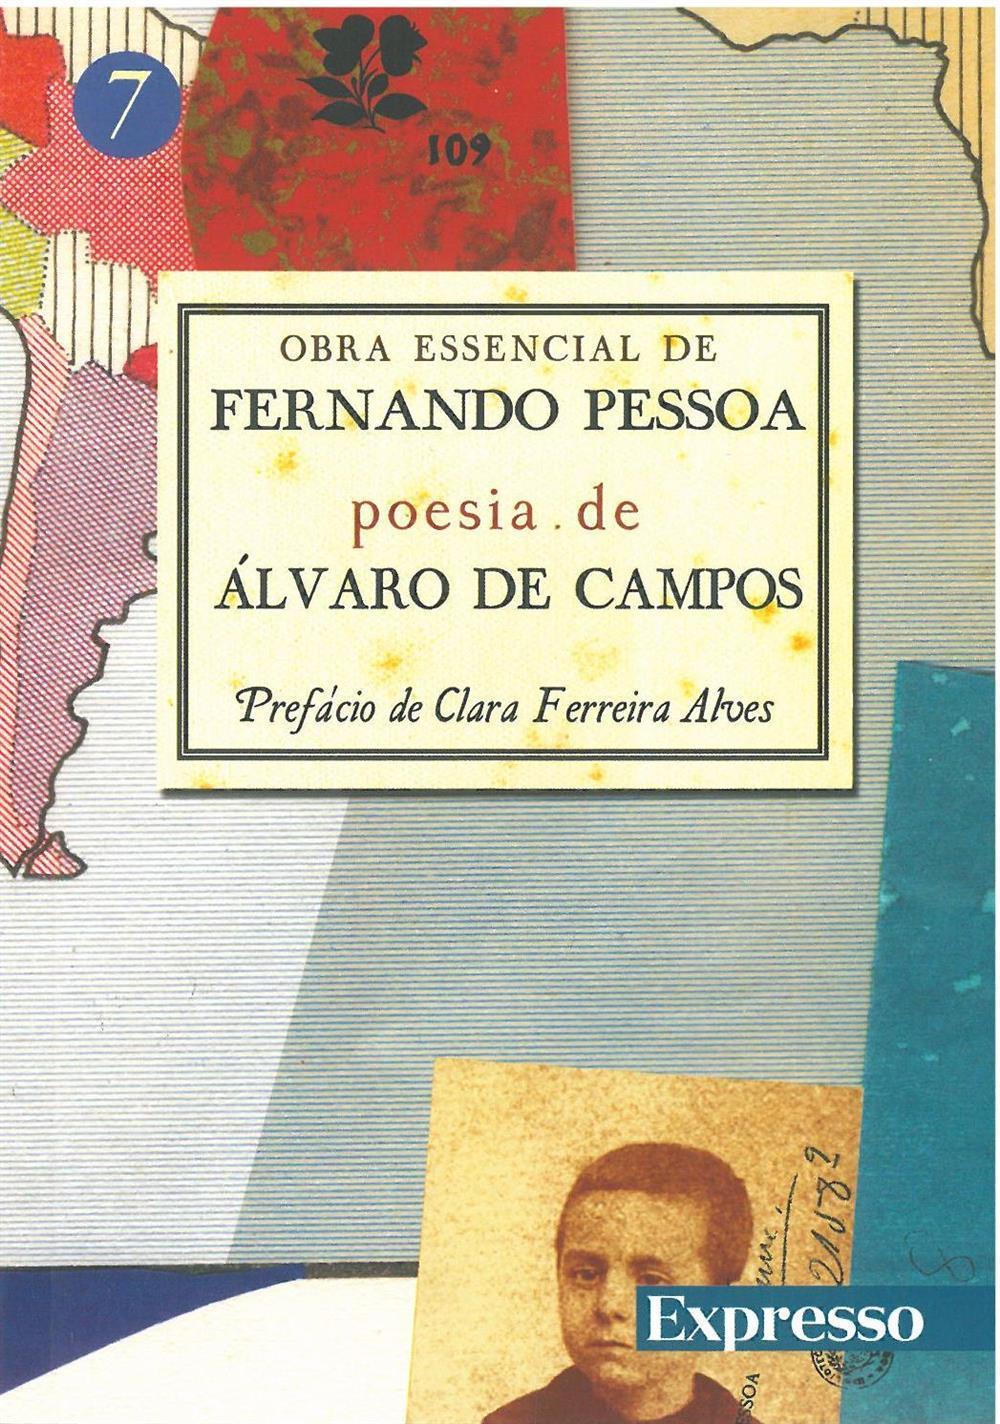 Poesia de Álvaro de Campos_.jpg